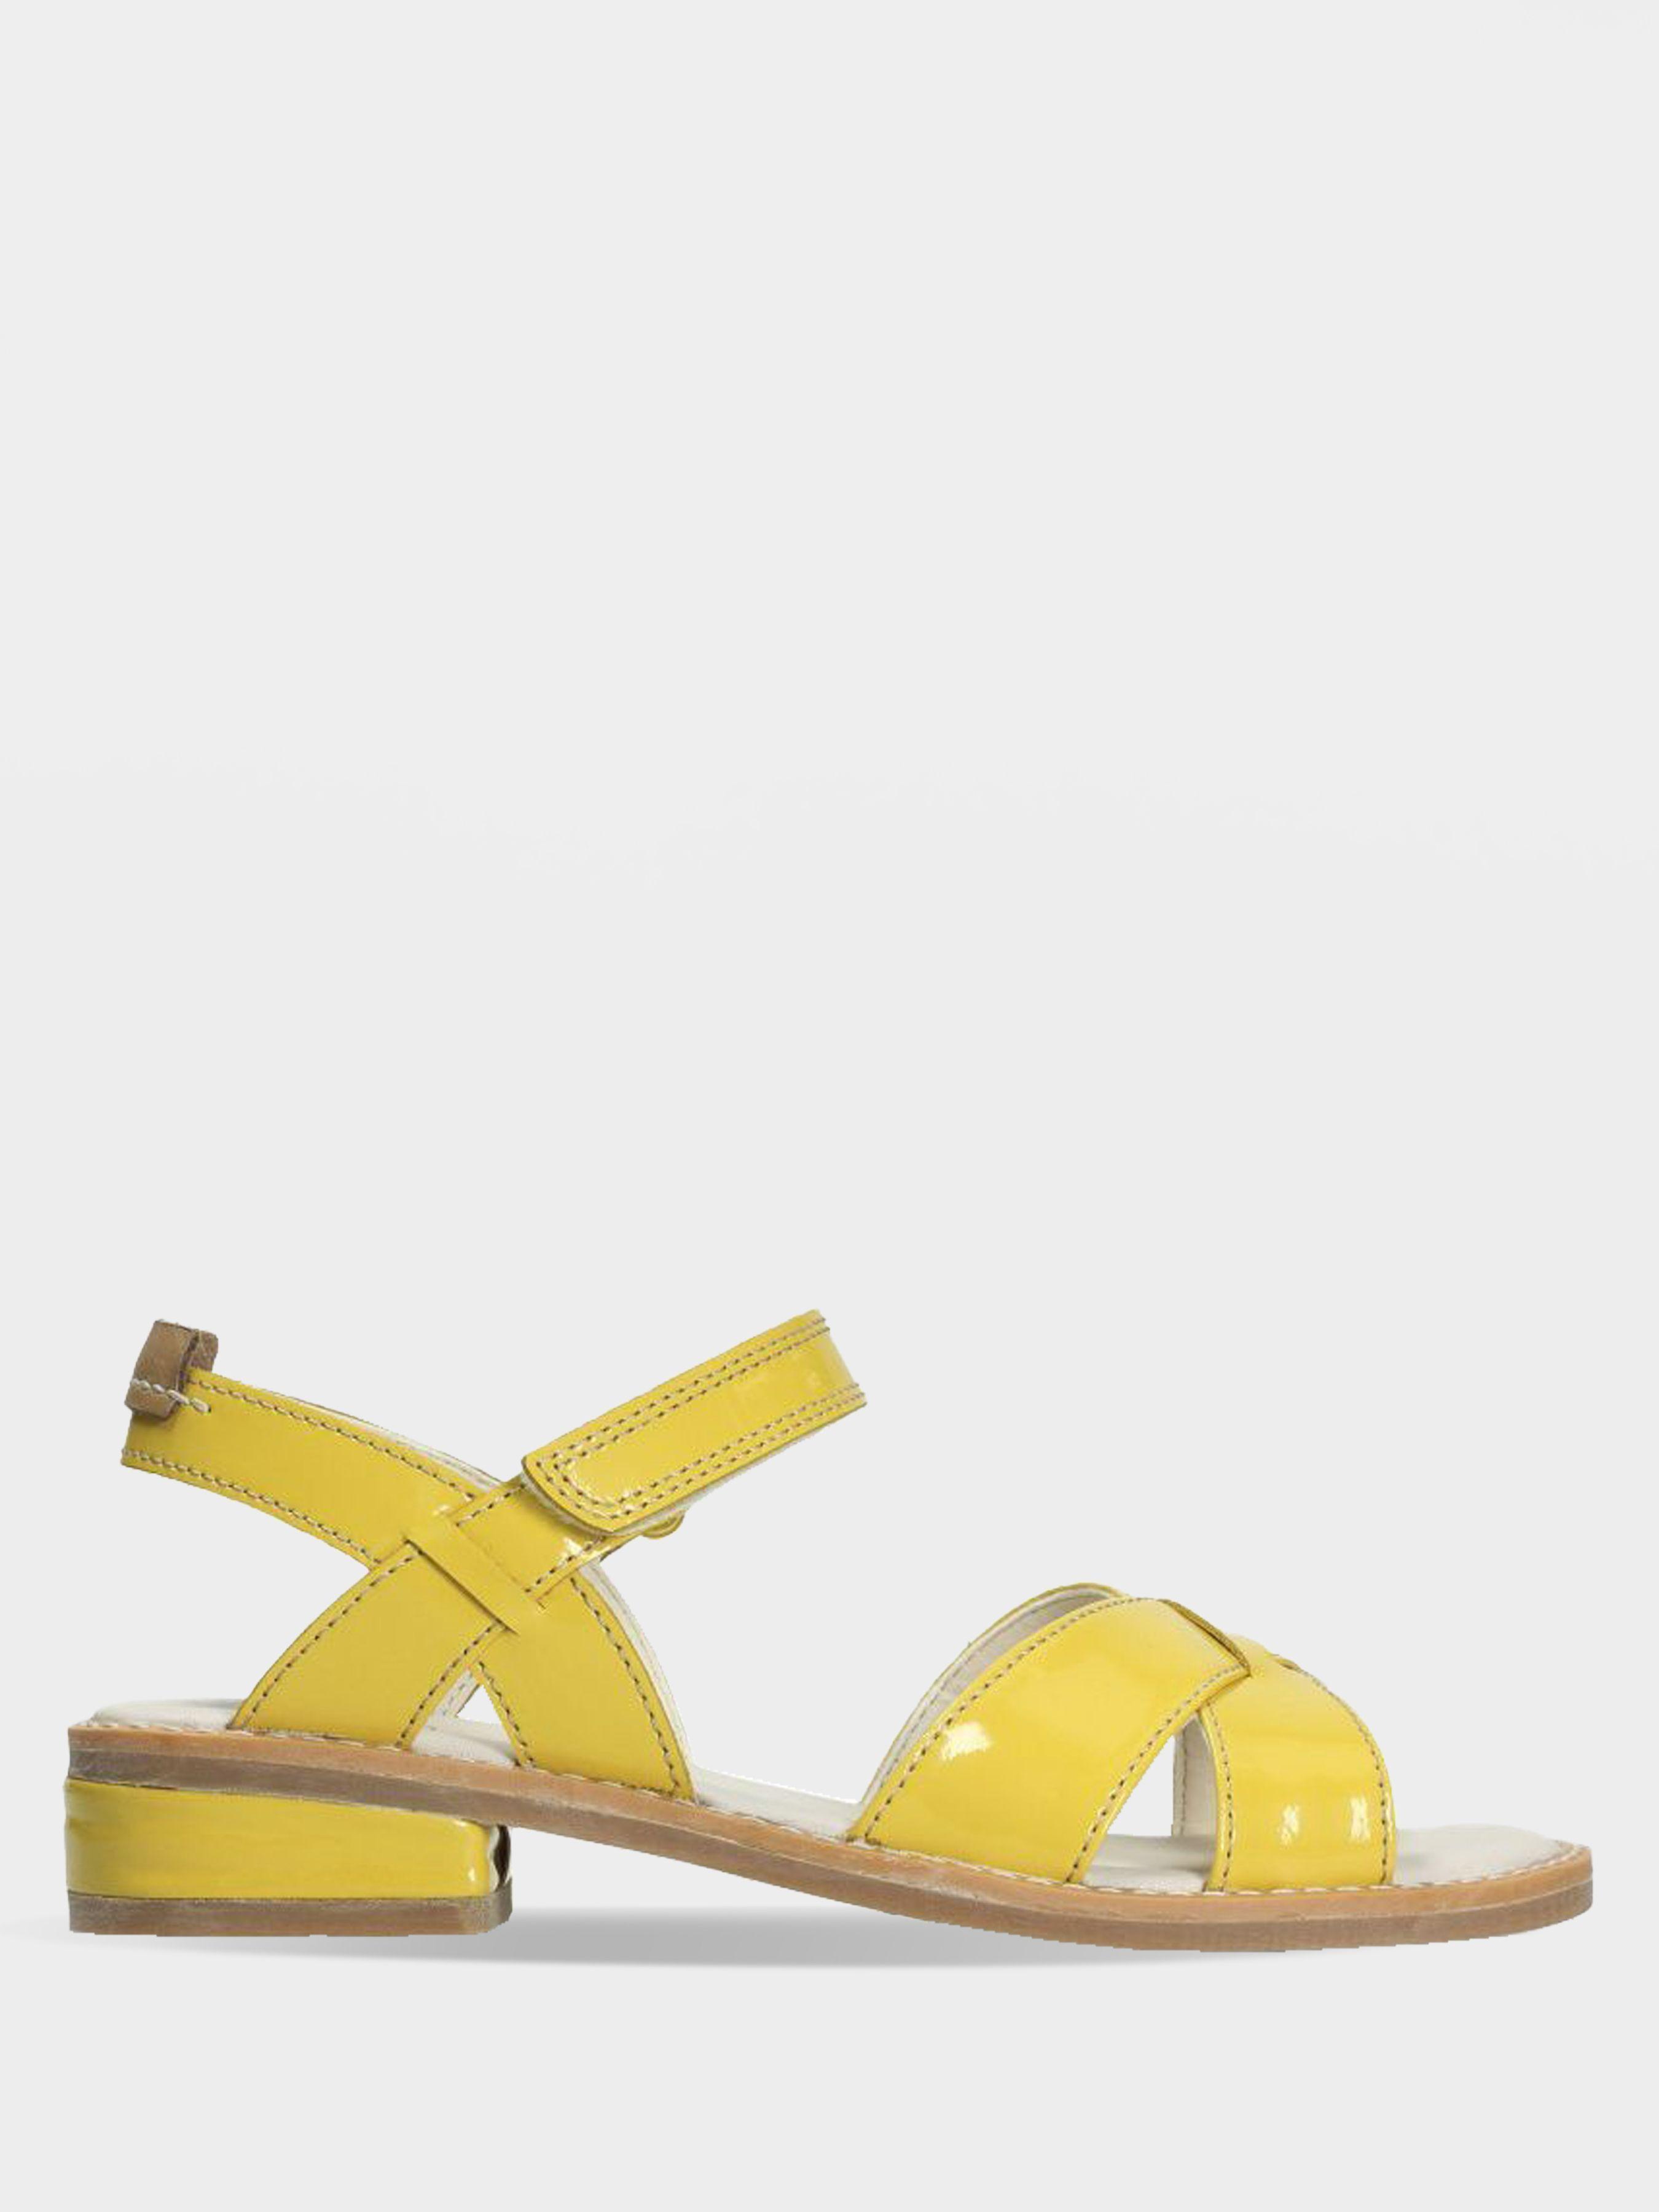 Купить Босоножки детские Clarks Darcy Charm OK2167, Желтый